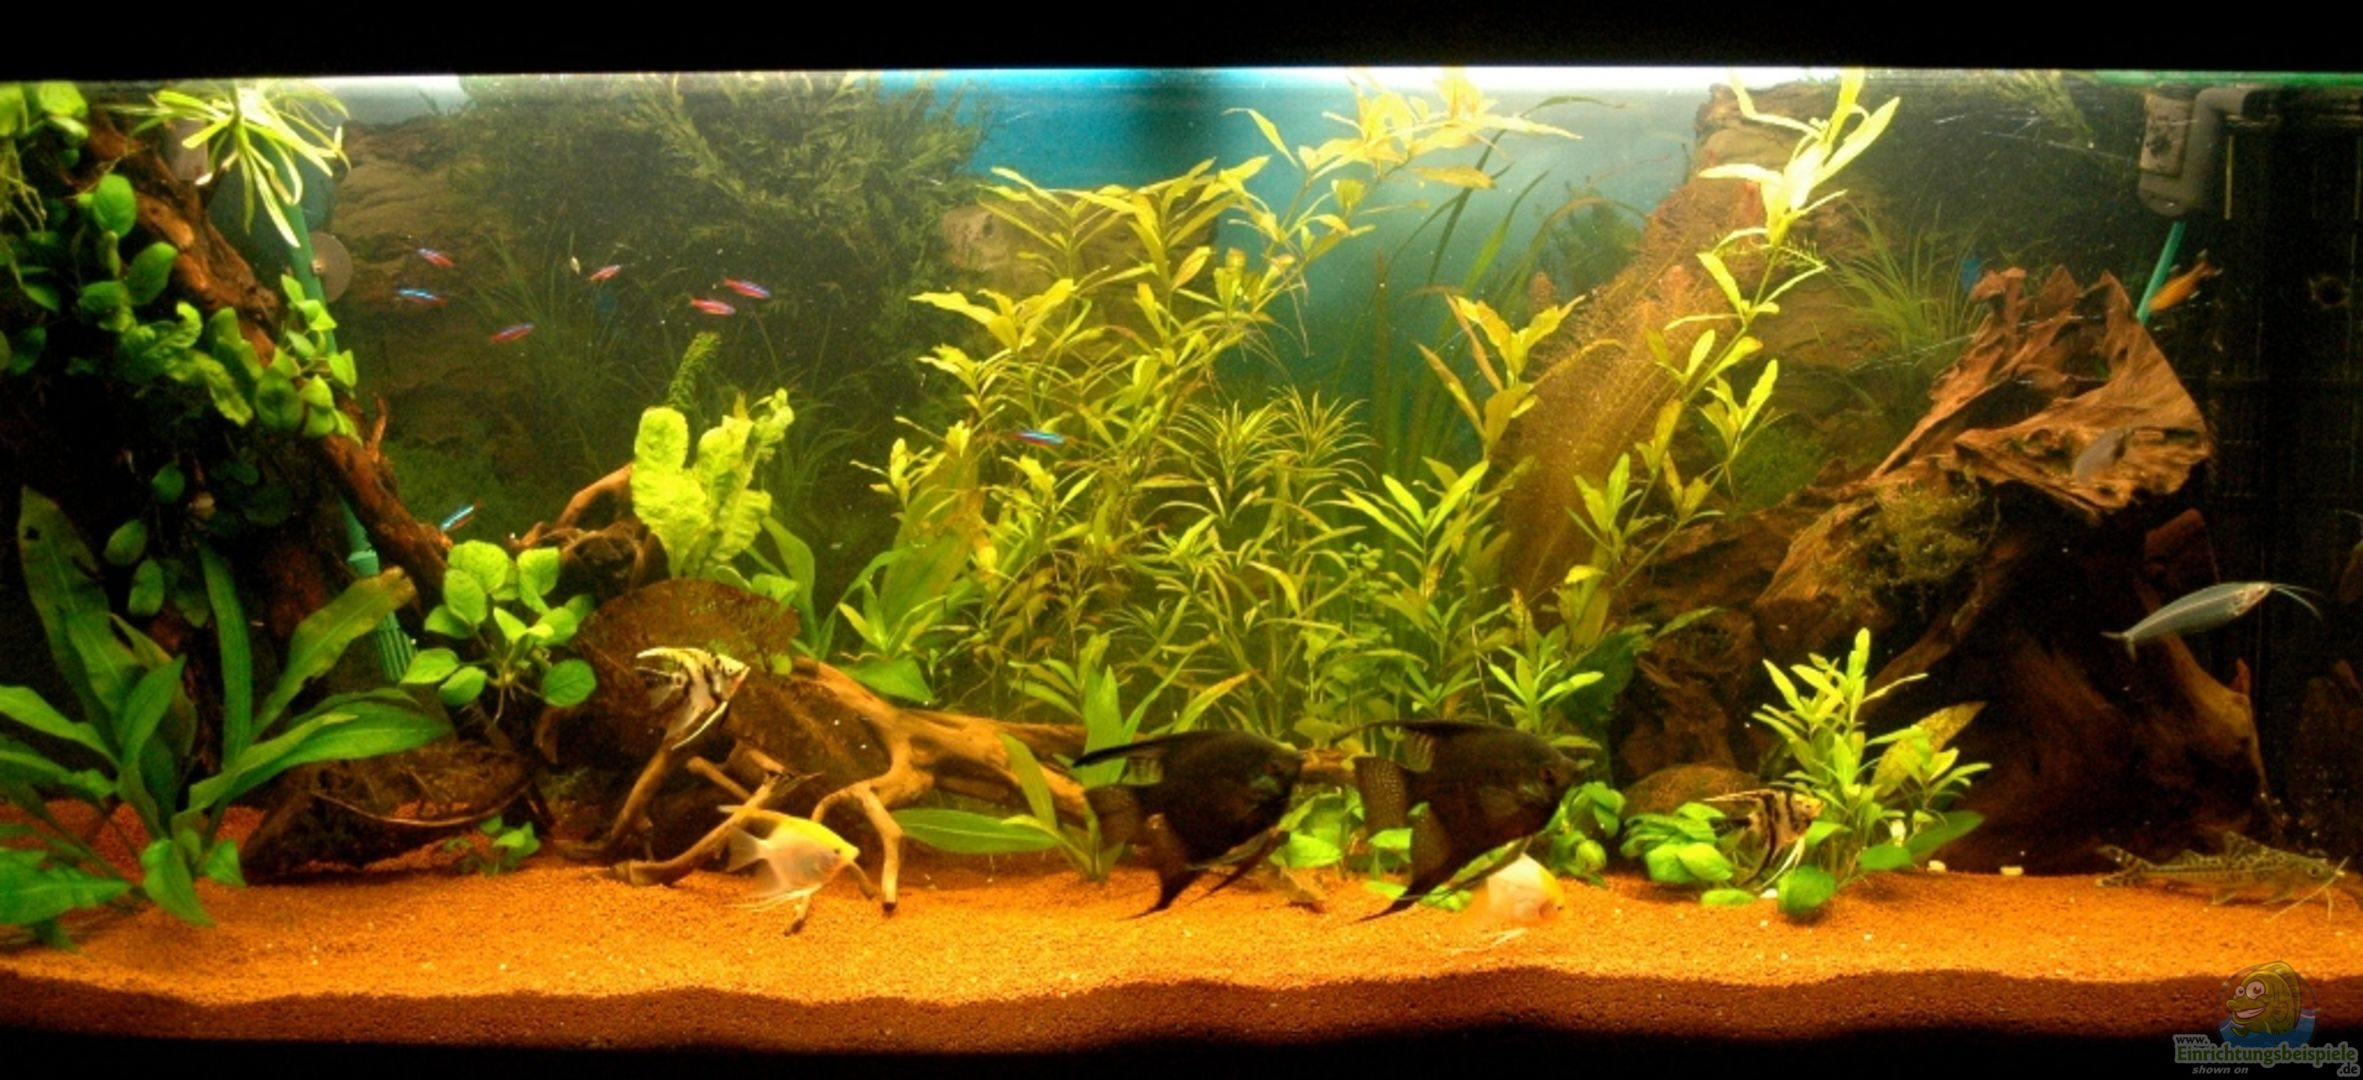 Aquarium von rafael nef 20545 ersteinrichtung for Aquarium 120x40x50